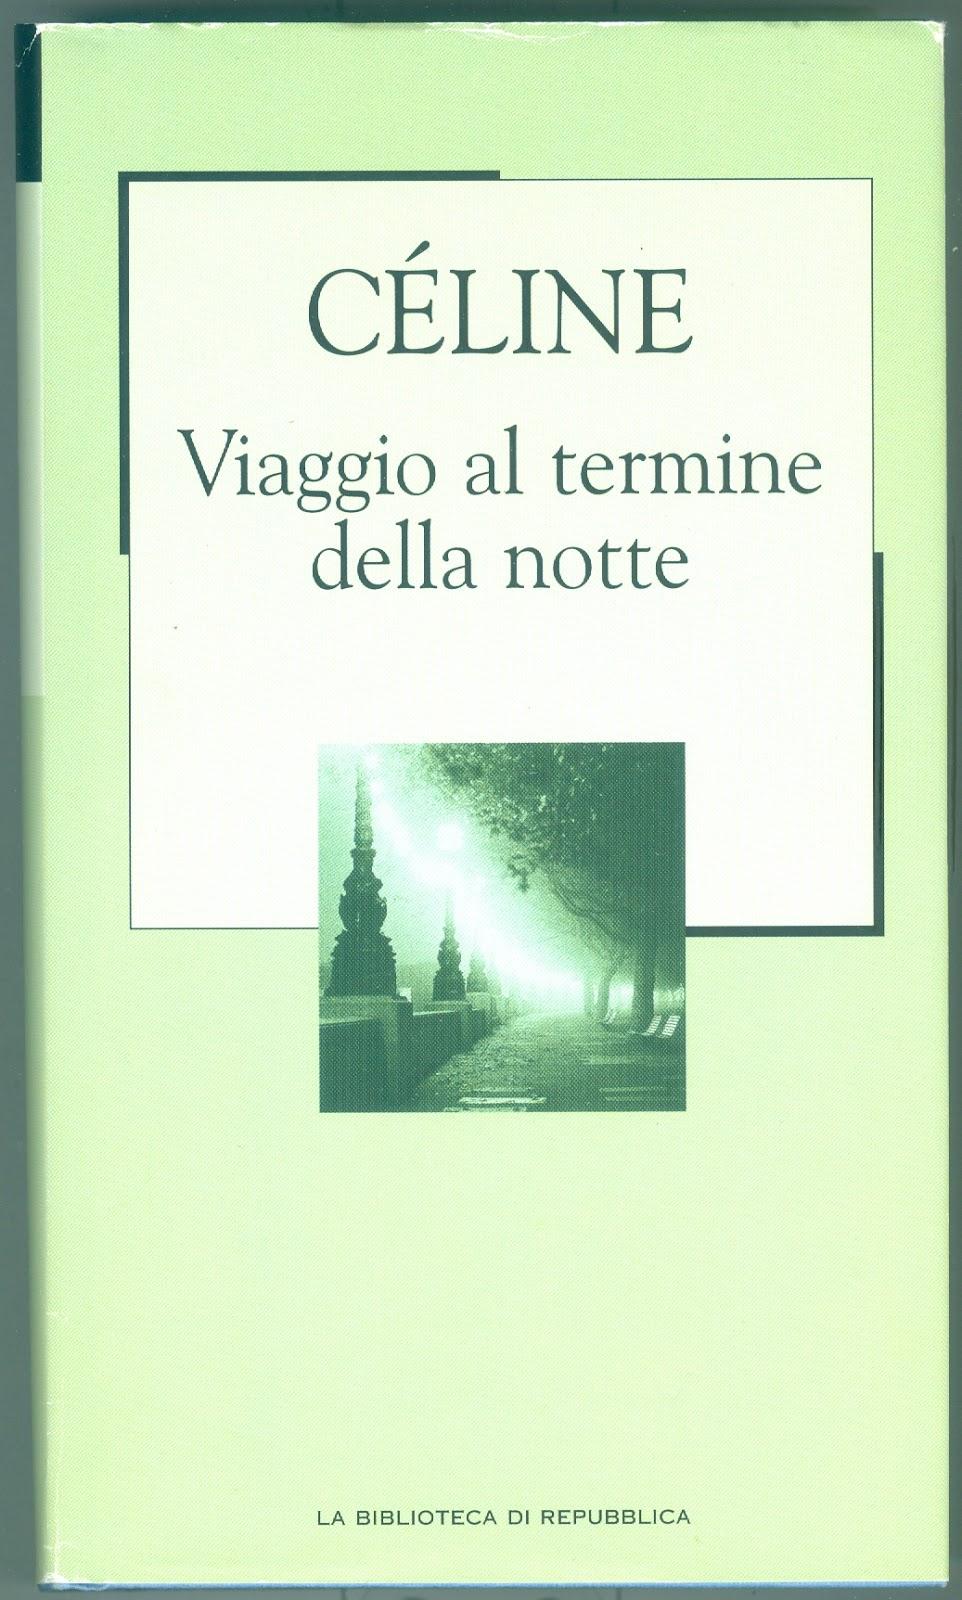 celine viaggio al termine della notte  IL LETTORE IMPENITENTE: Louis-Ferdinand Céline - VIAGGIO AL TERMINE ...